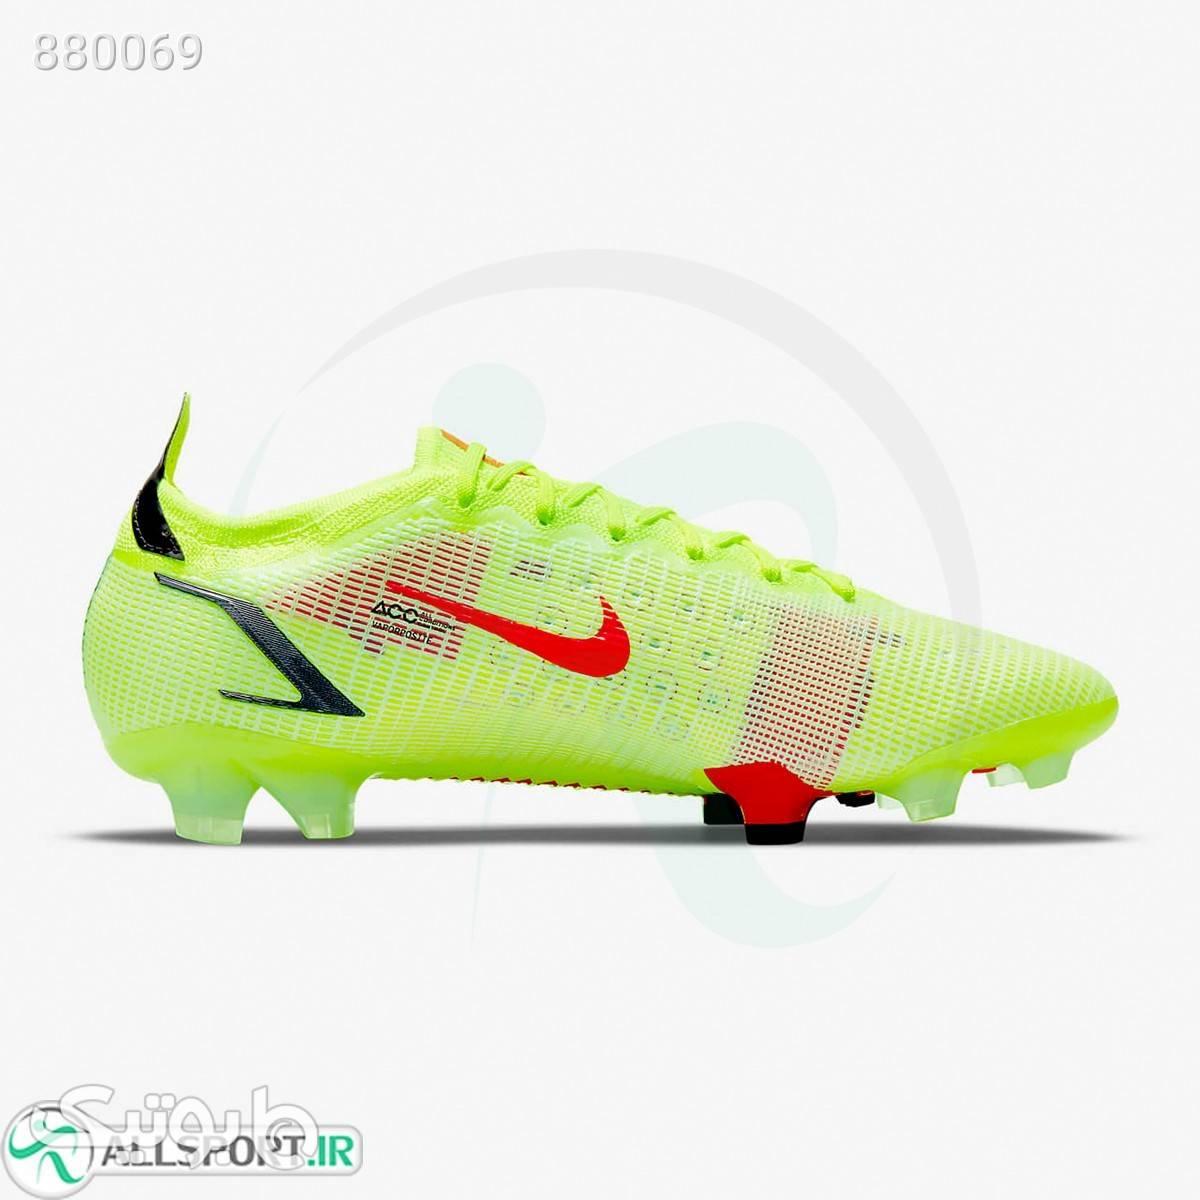 کفش فوتبال نایک مرکوریال Nike Mercurial Vapor 14 Elite FG CQ7635760 سبز كتانی مردانه